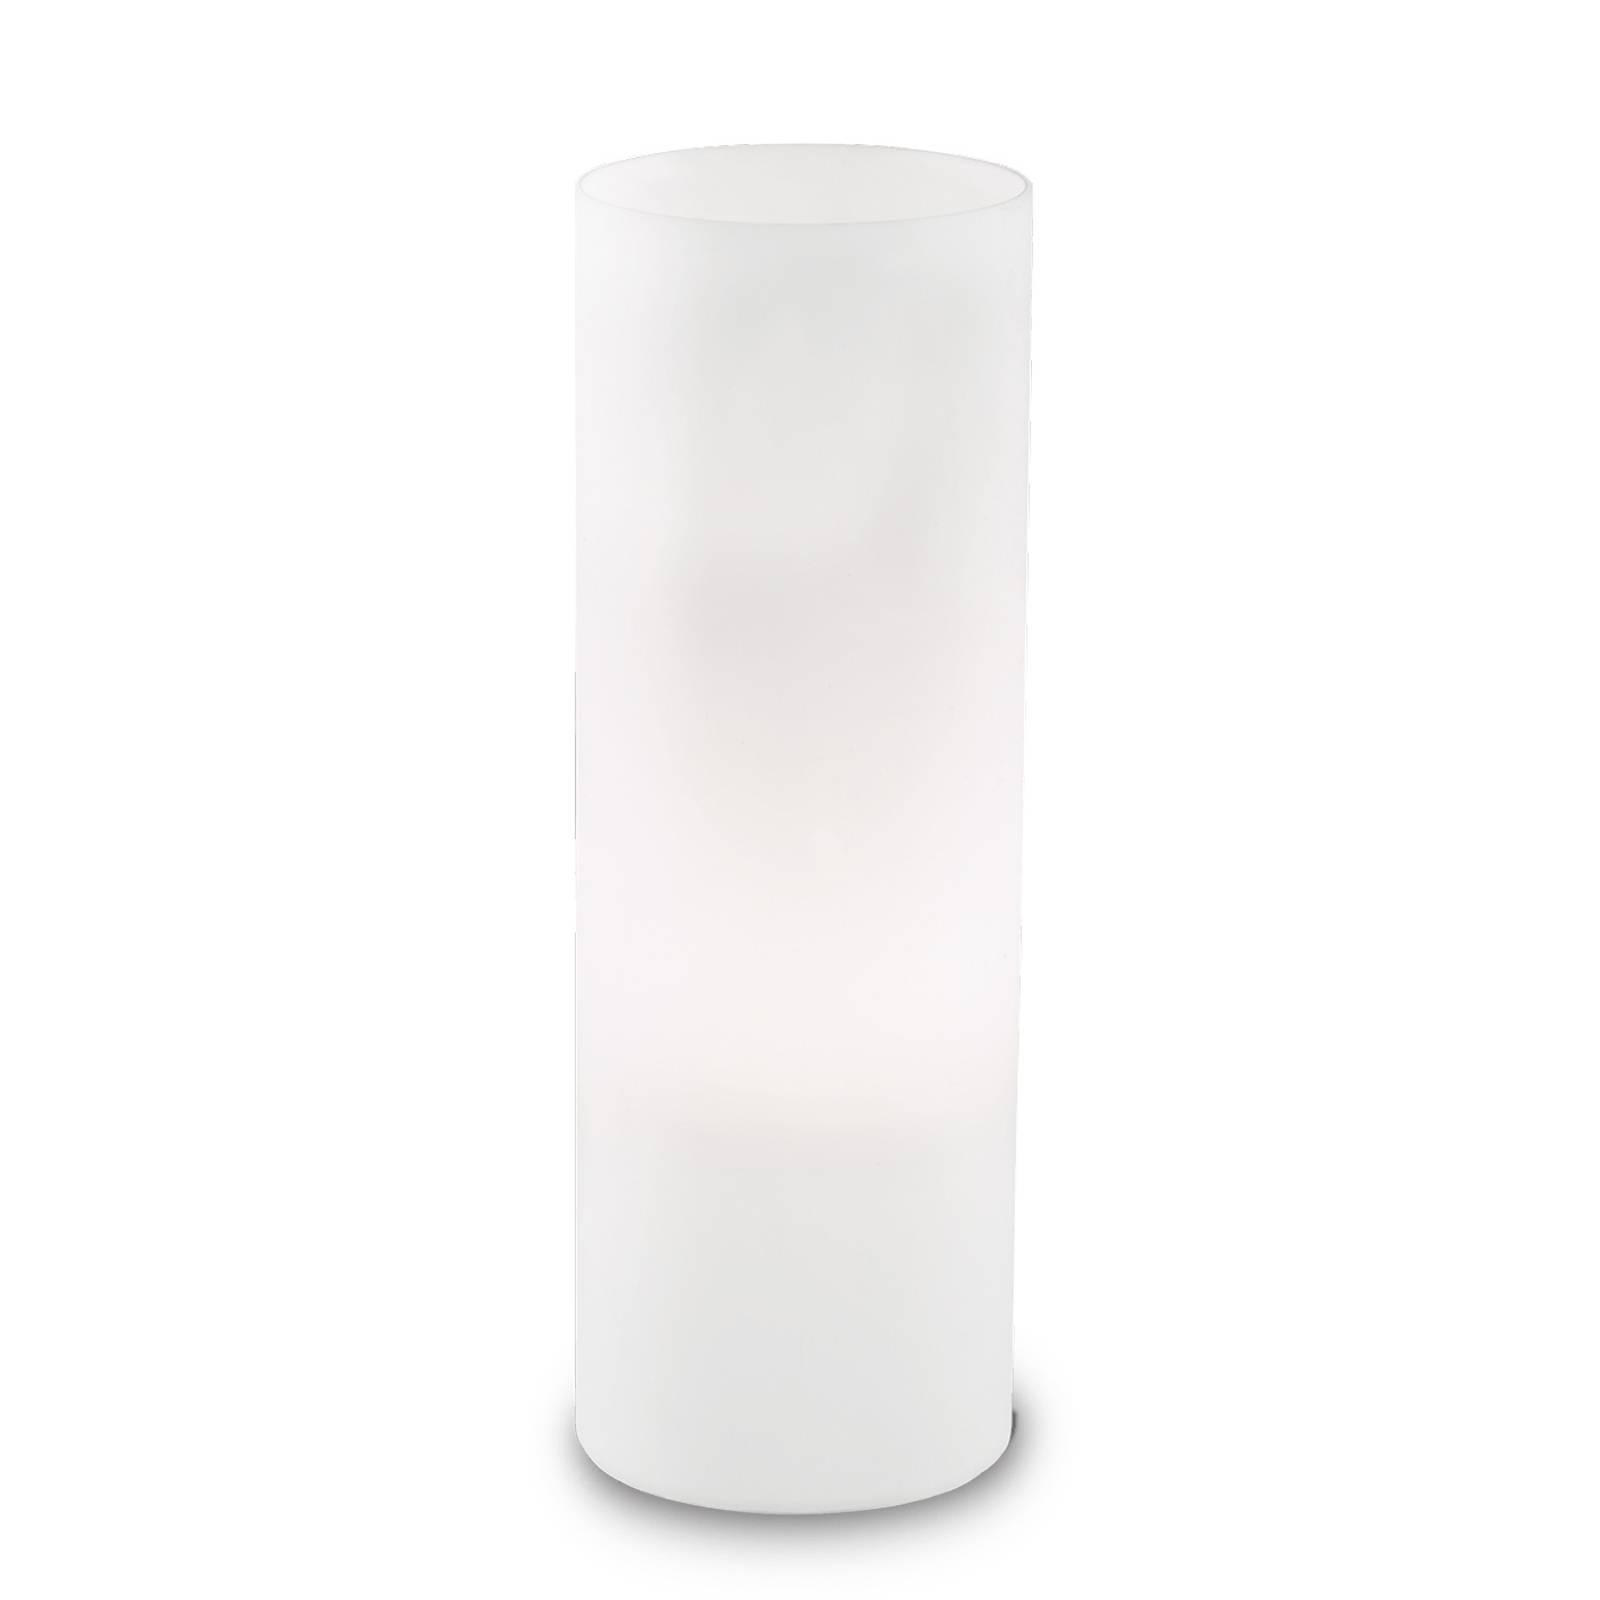 Pöytävalaisin Edo valkoista lasia, korkeus 35 cm